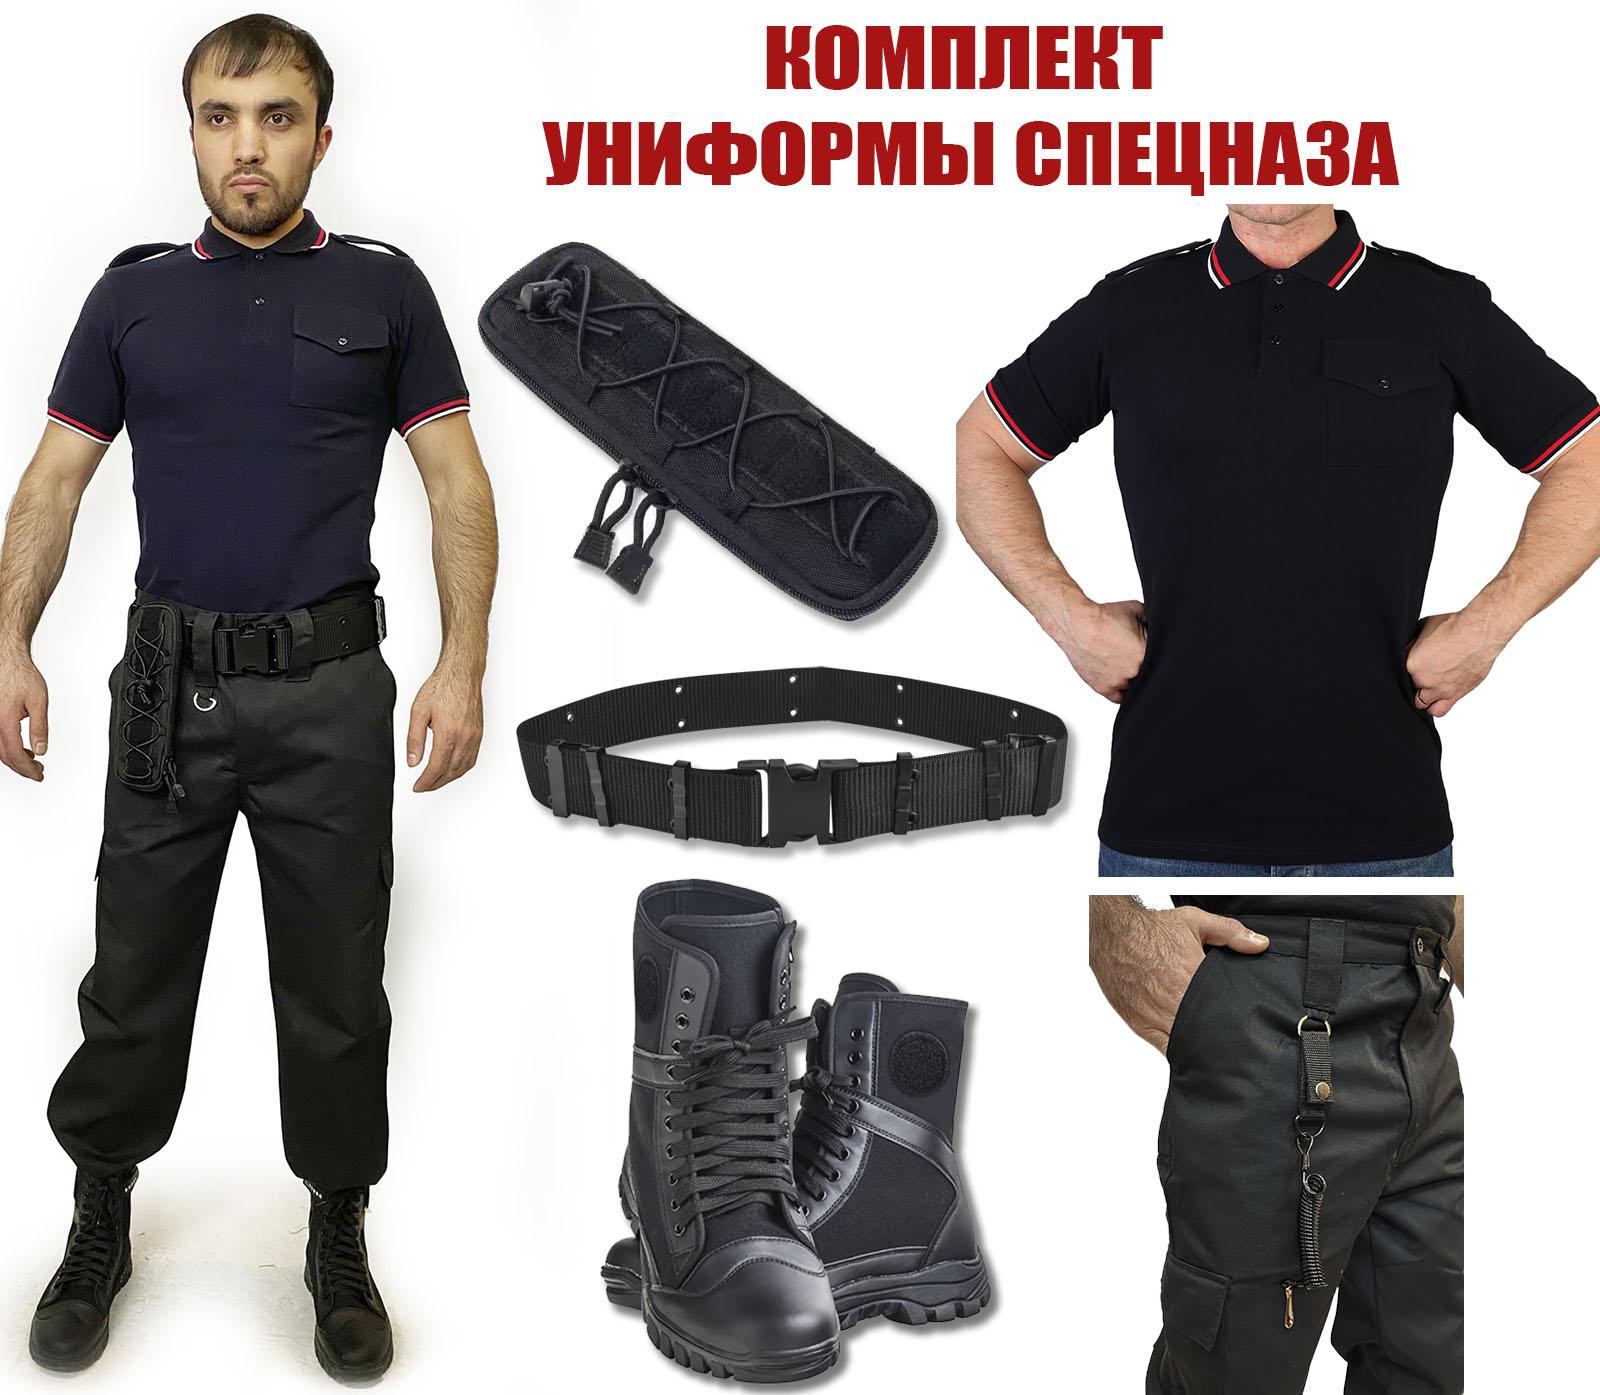 Комплект униформы спецназа